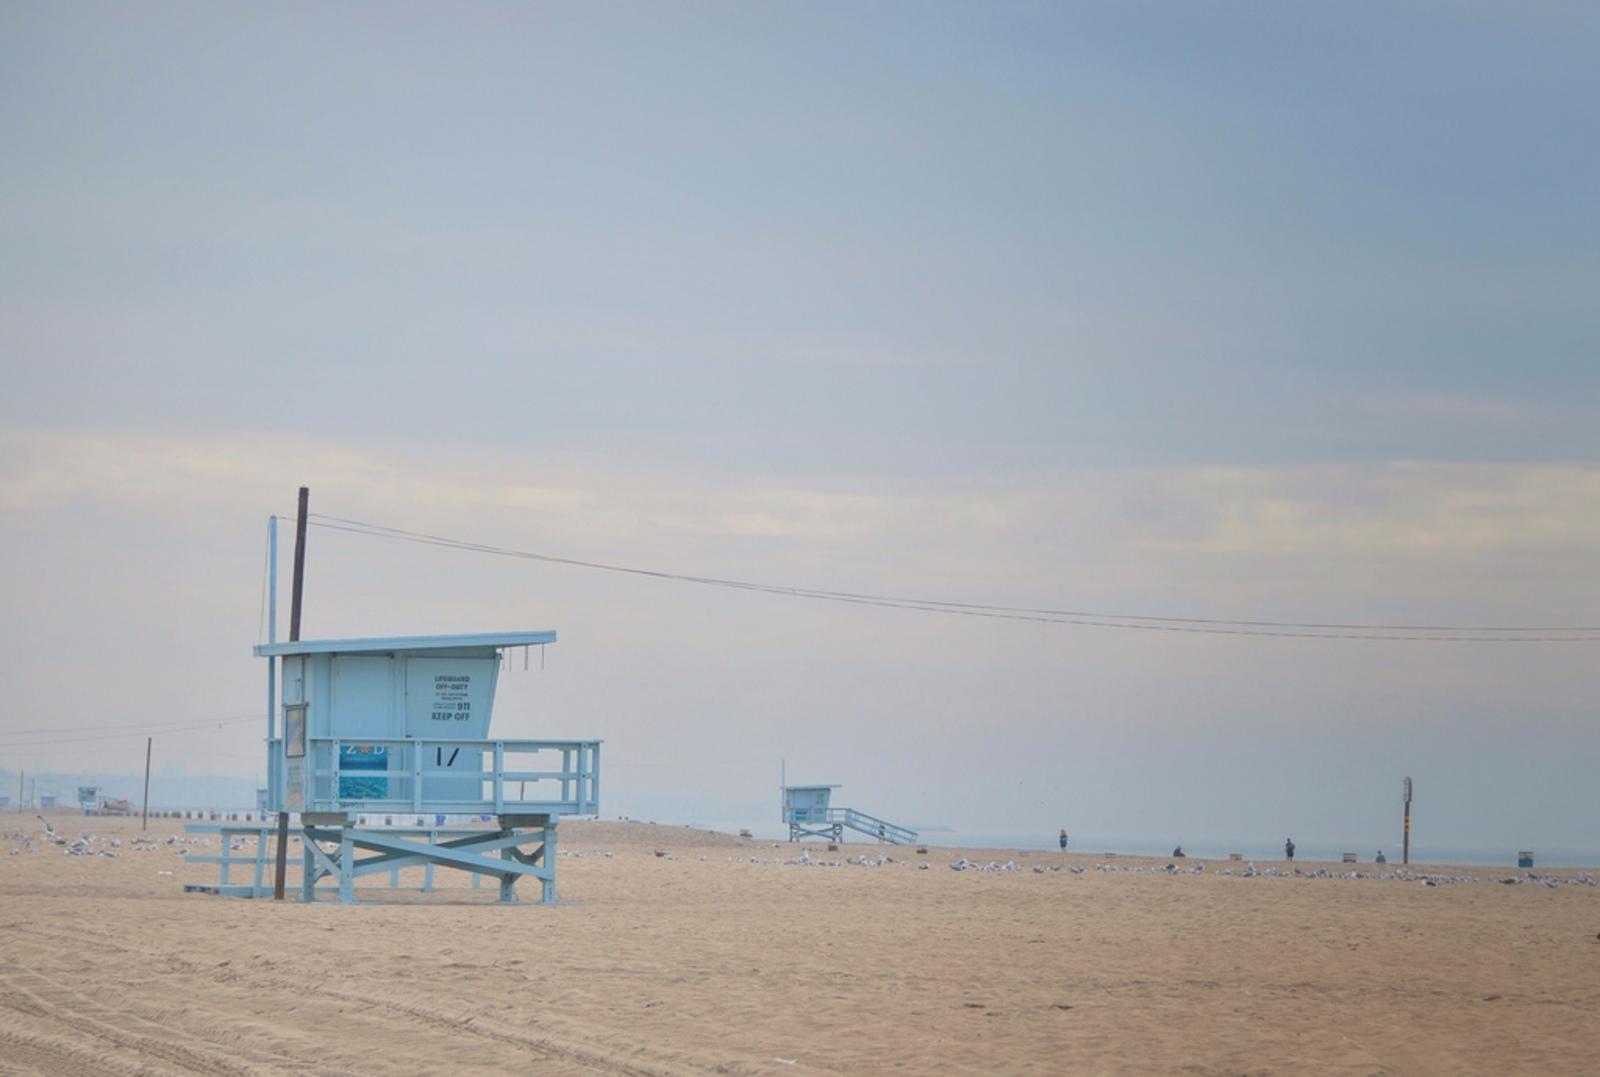 lifeguard venice beach los angeles aux etats unis. Black Bedroom Furniture Sets. Home Design Ideas